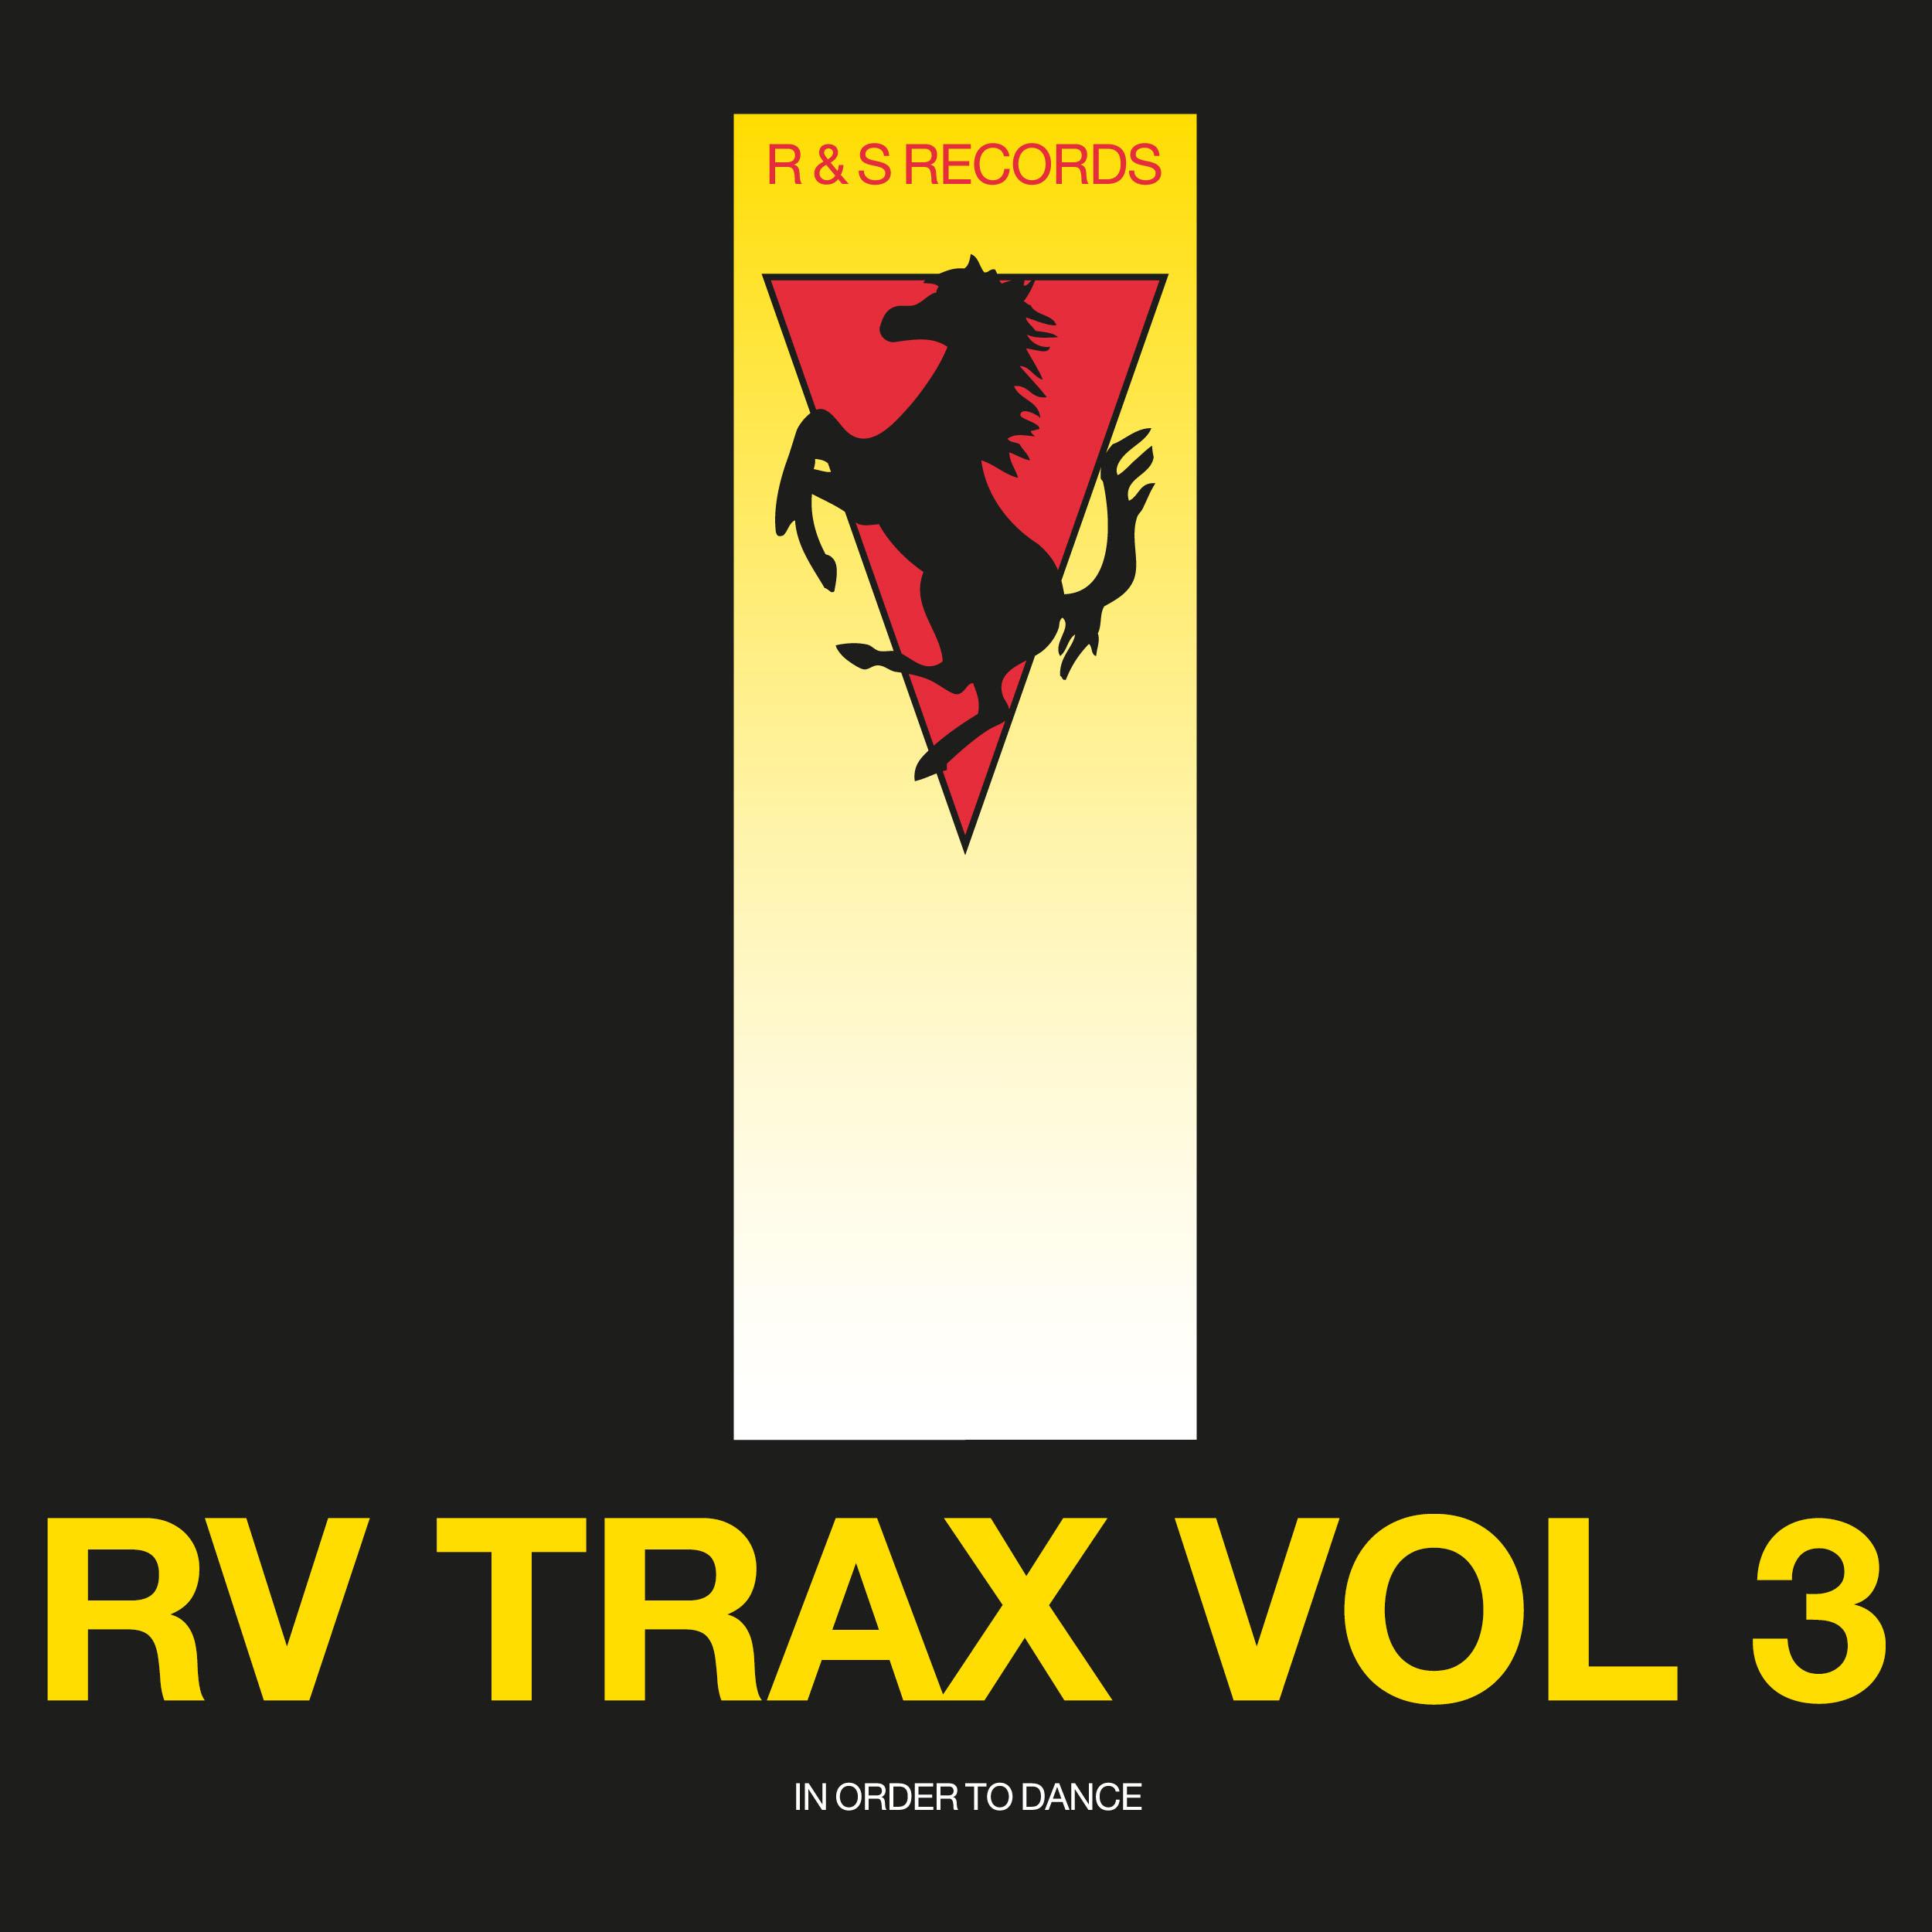 RV Trax Vol 3